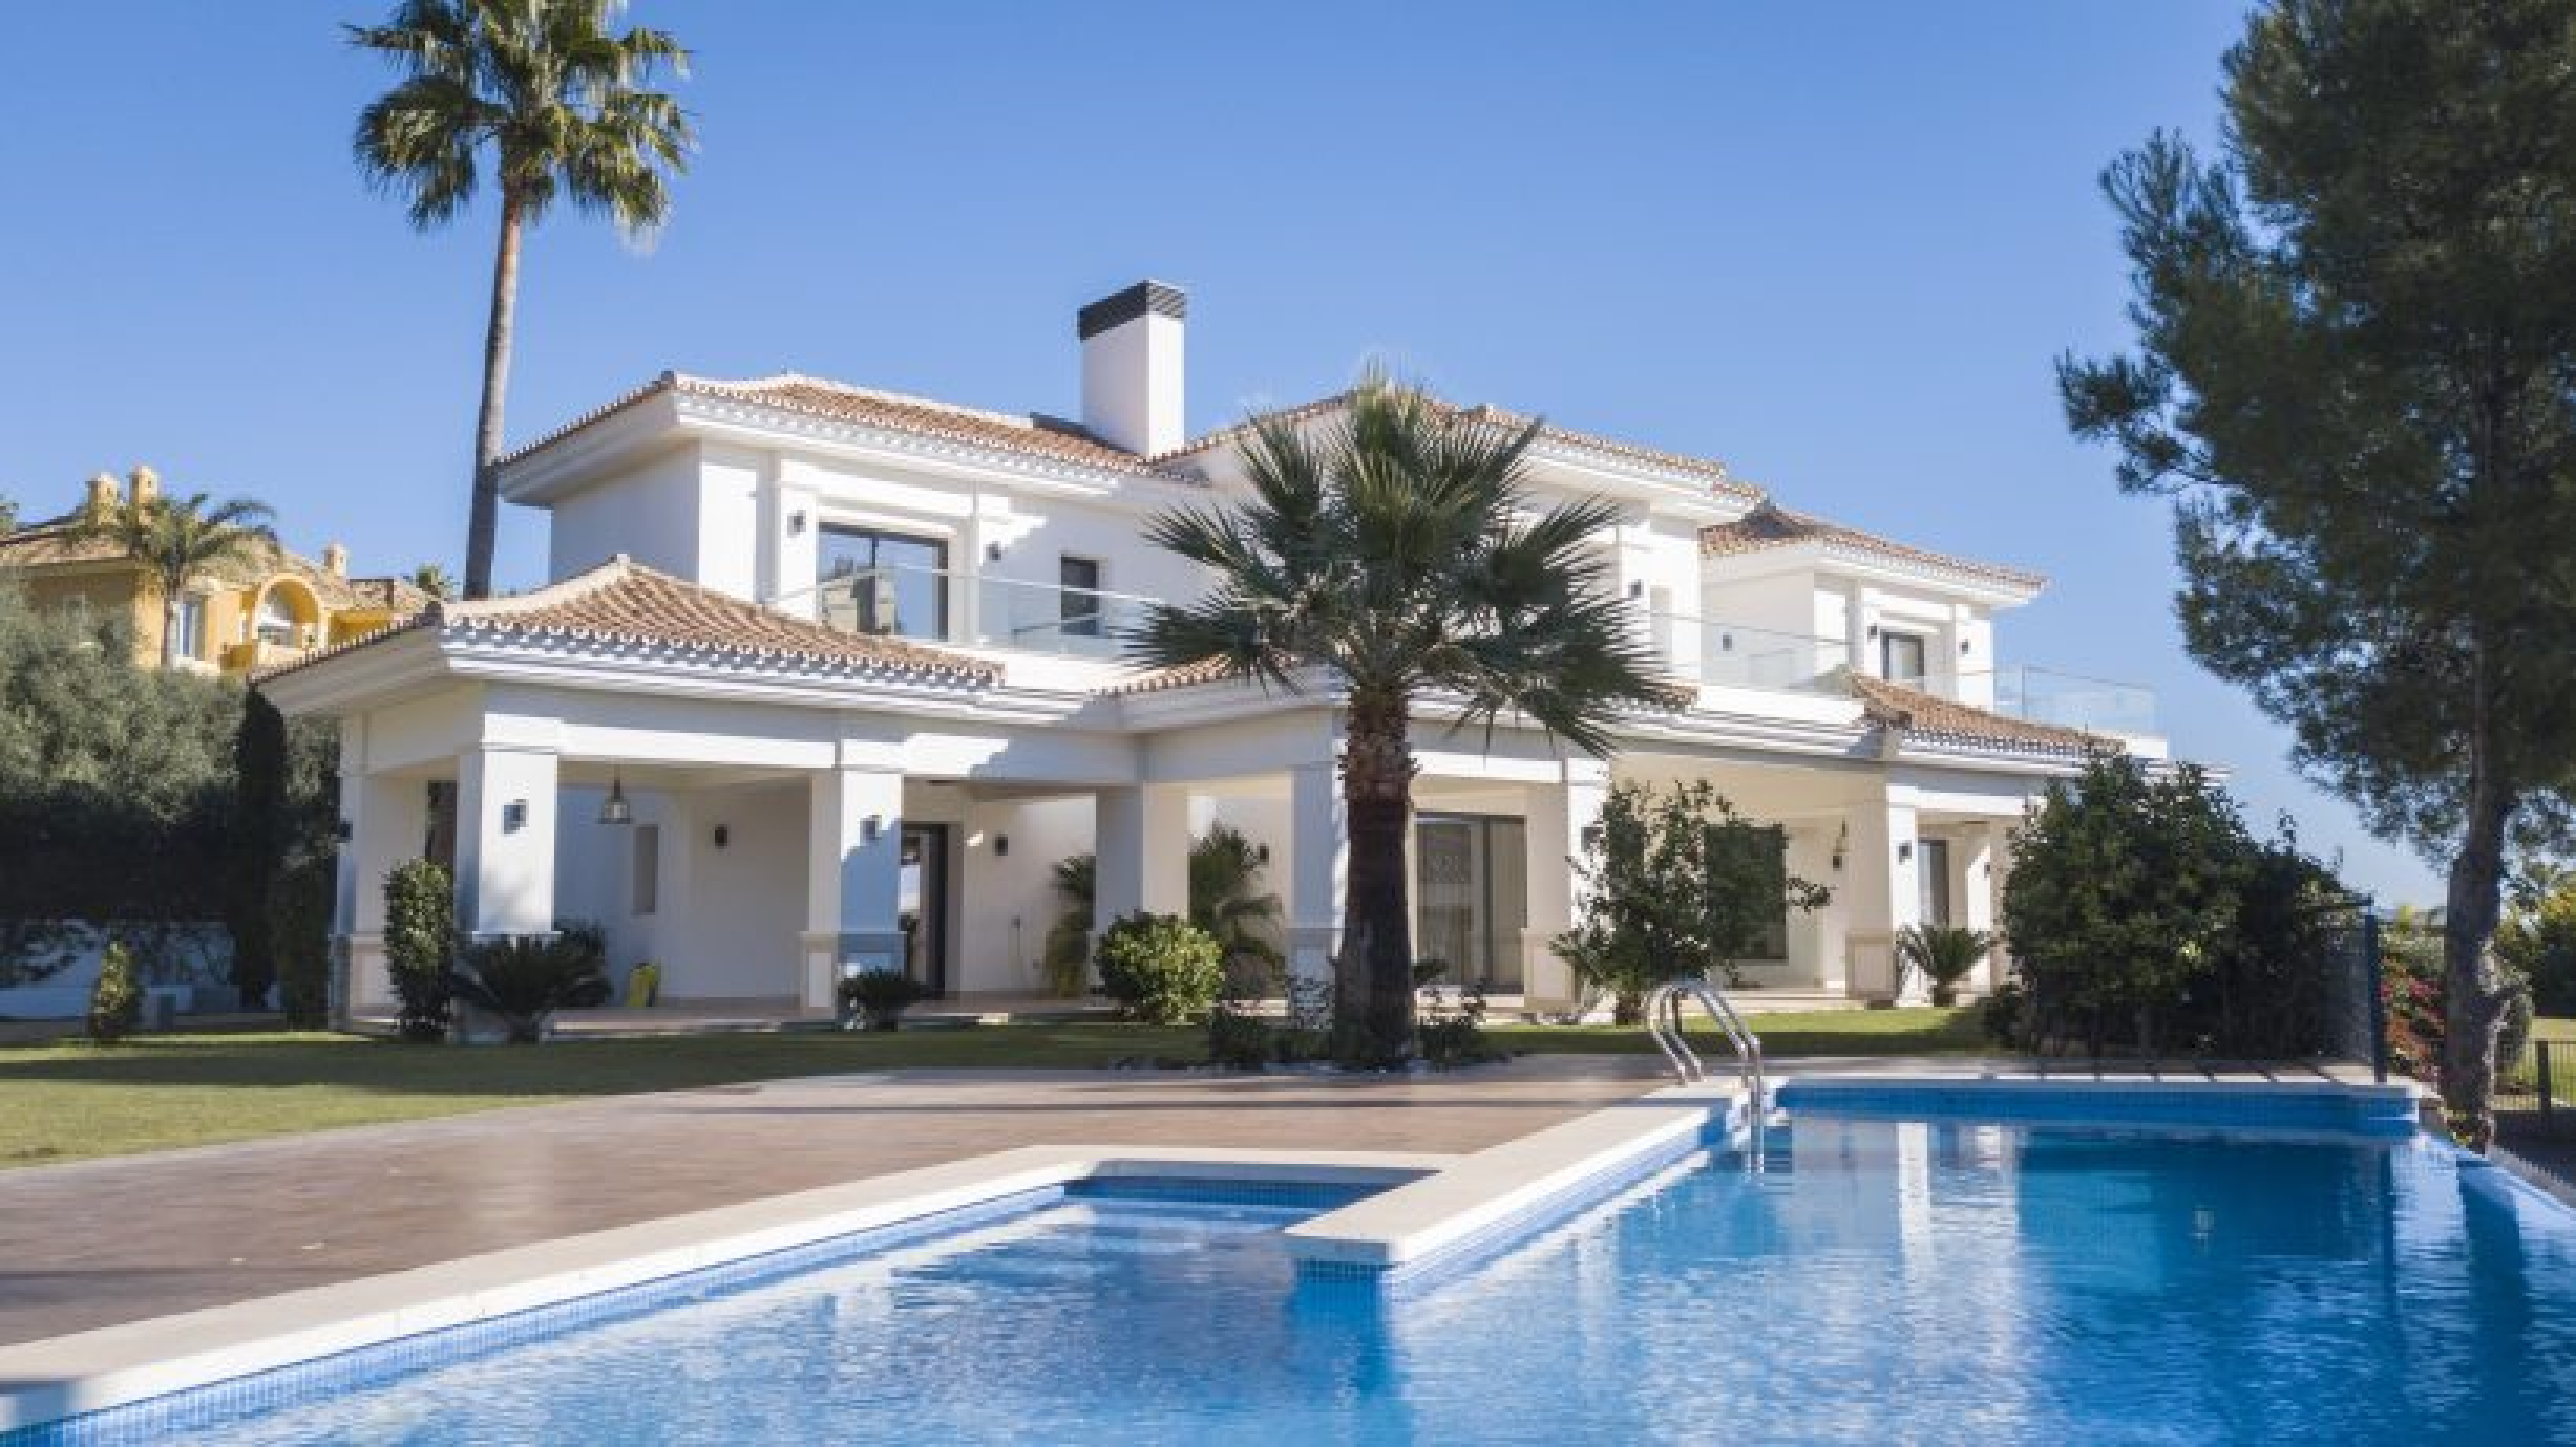 Spectacular brand new villa in Sierra Blanca, Marbella